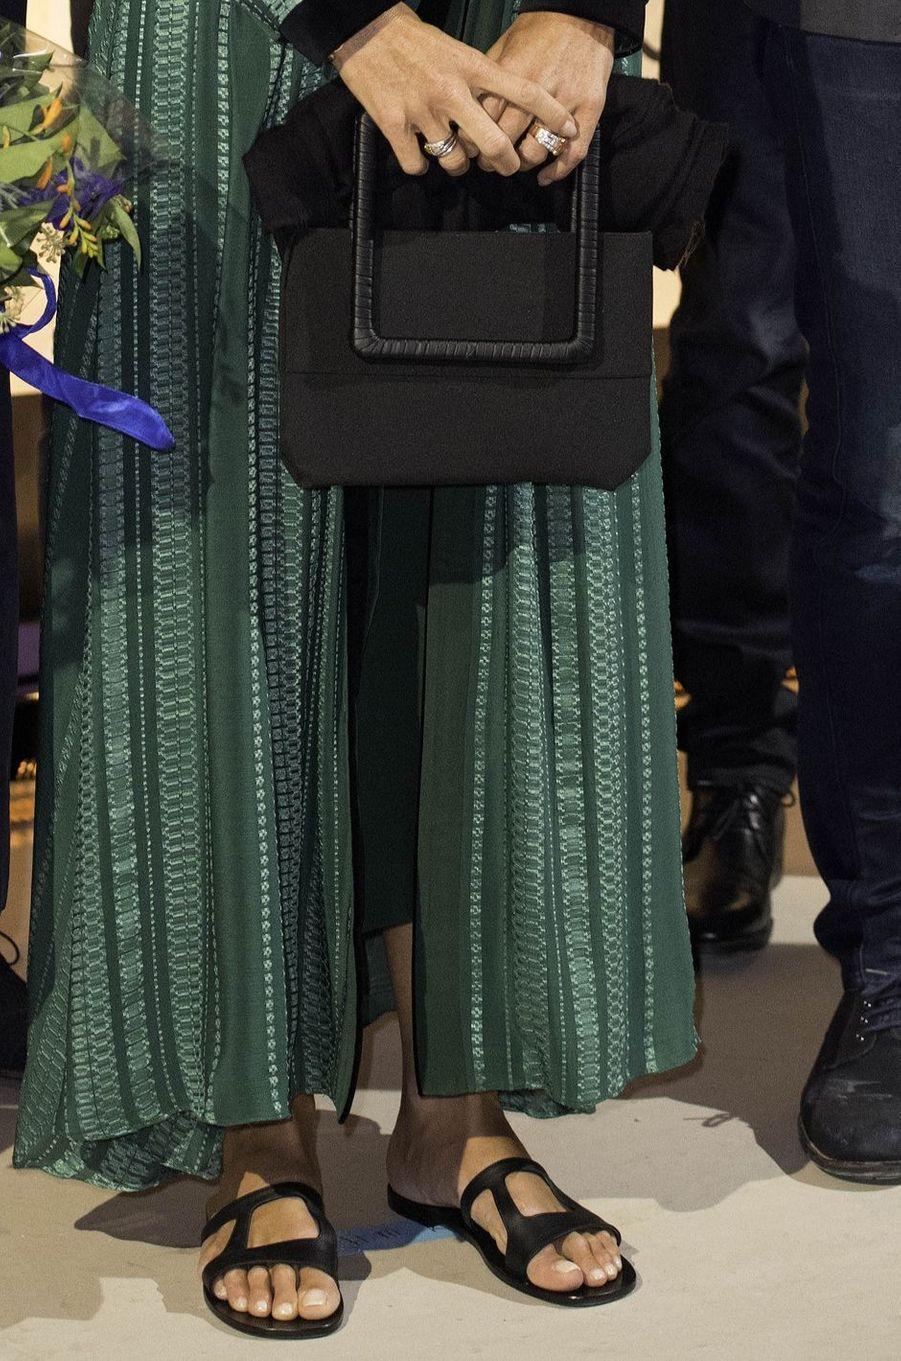 Le sac et les chaussures de la reine Maxima des Pays-Bas à Amsterdam, le 11 septembre 2017